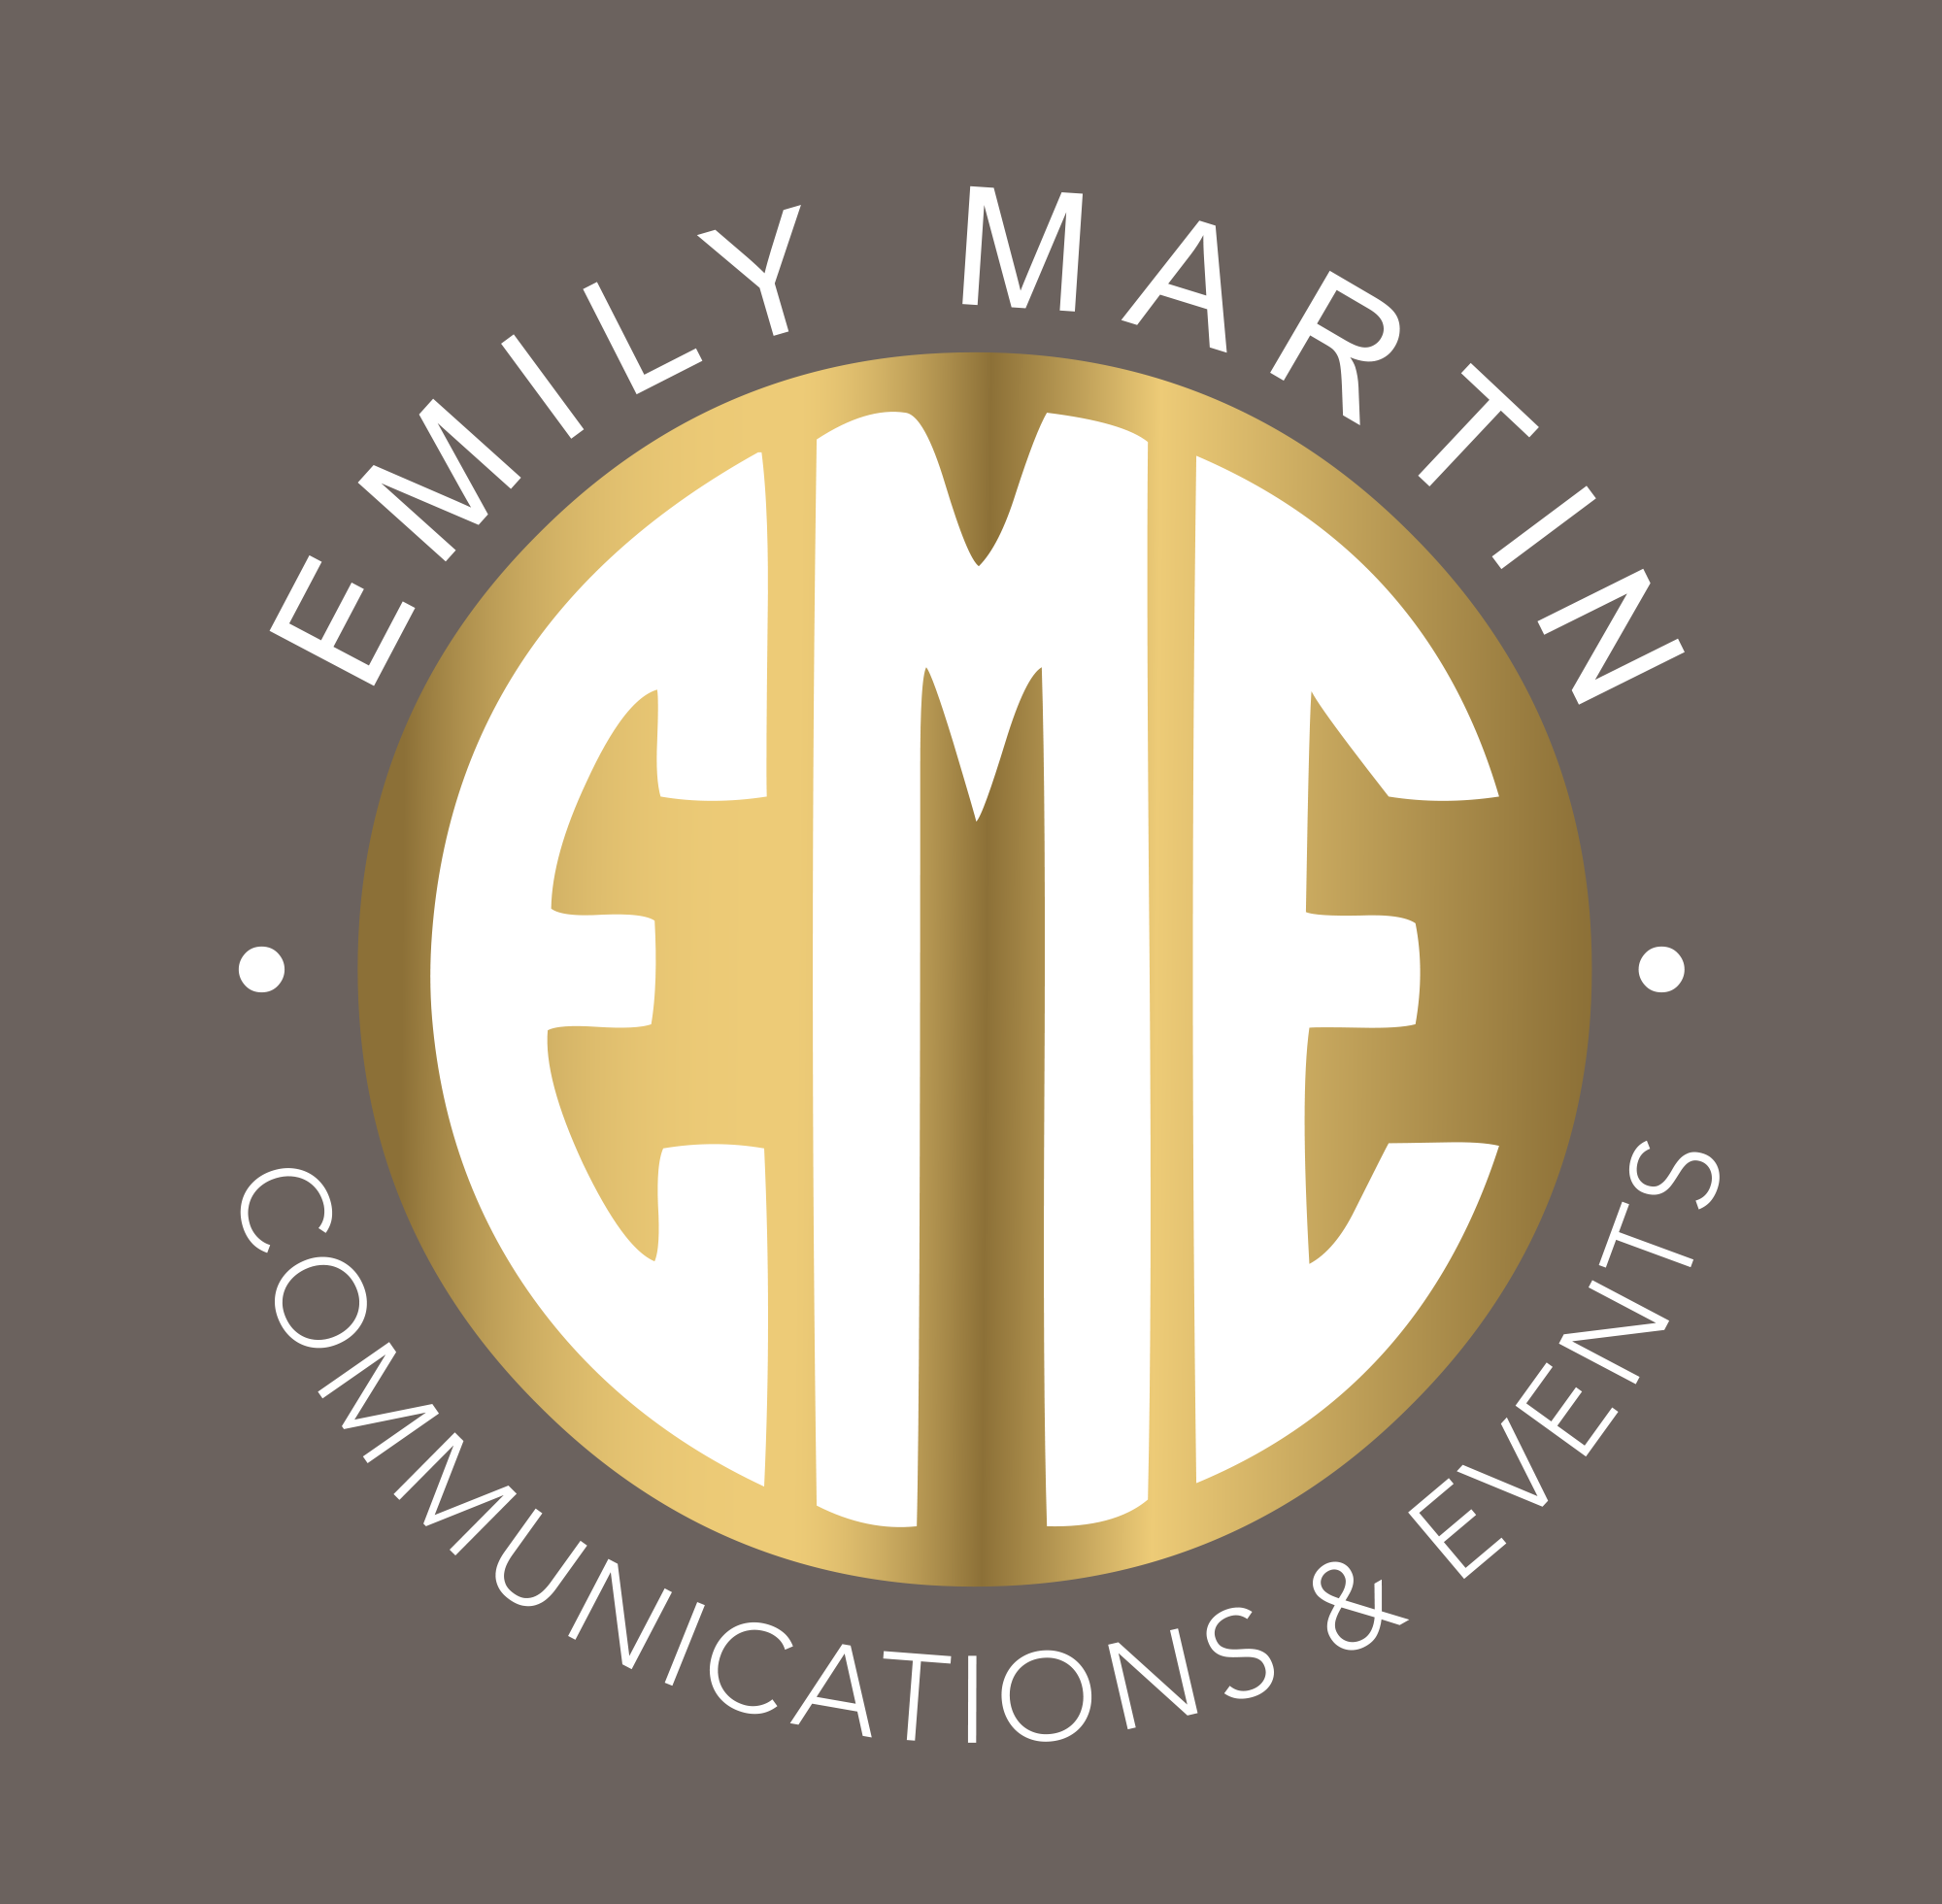 emily_martin_4_v3_HR.png